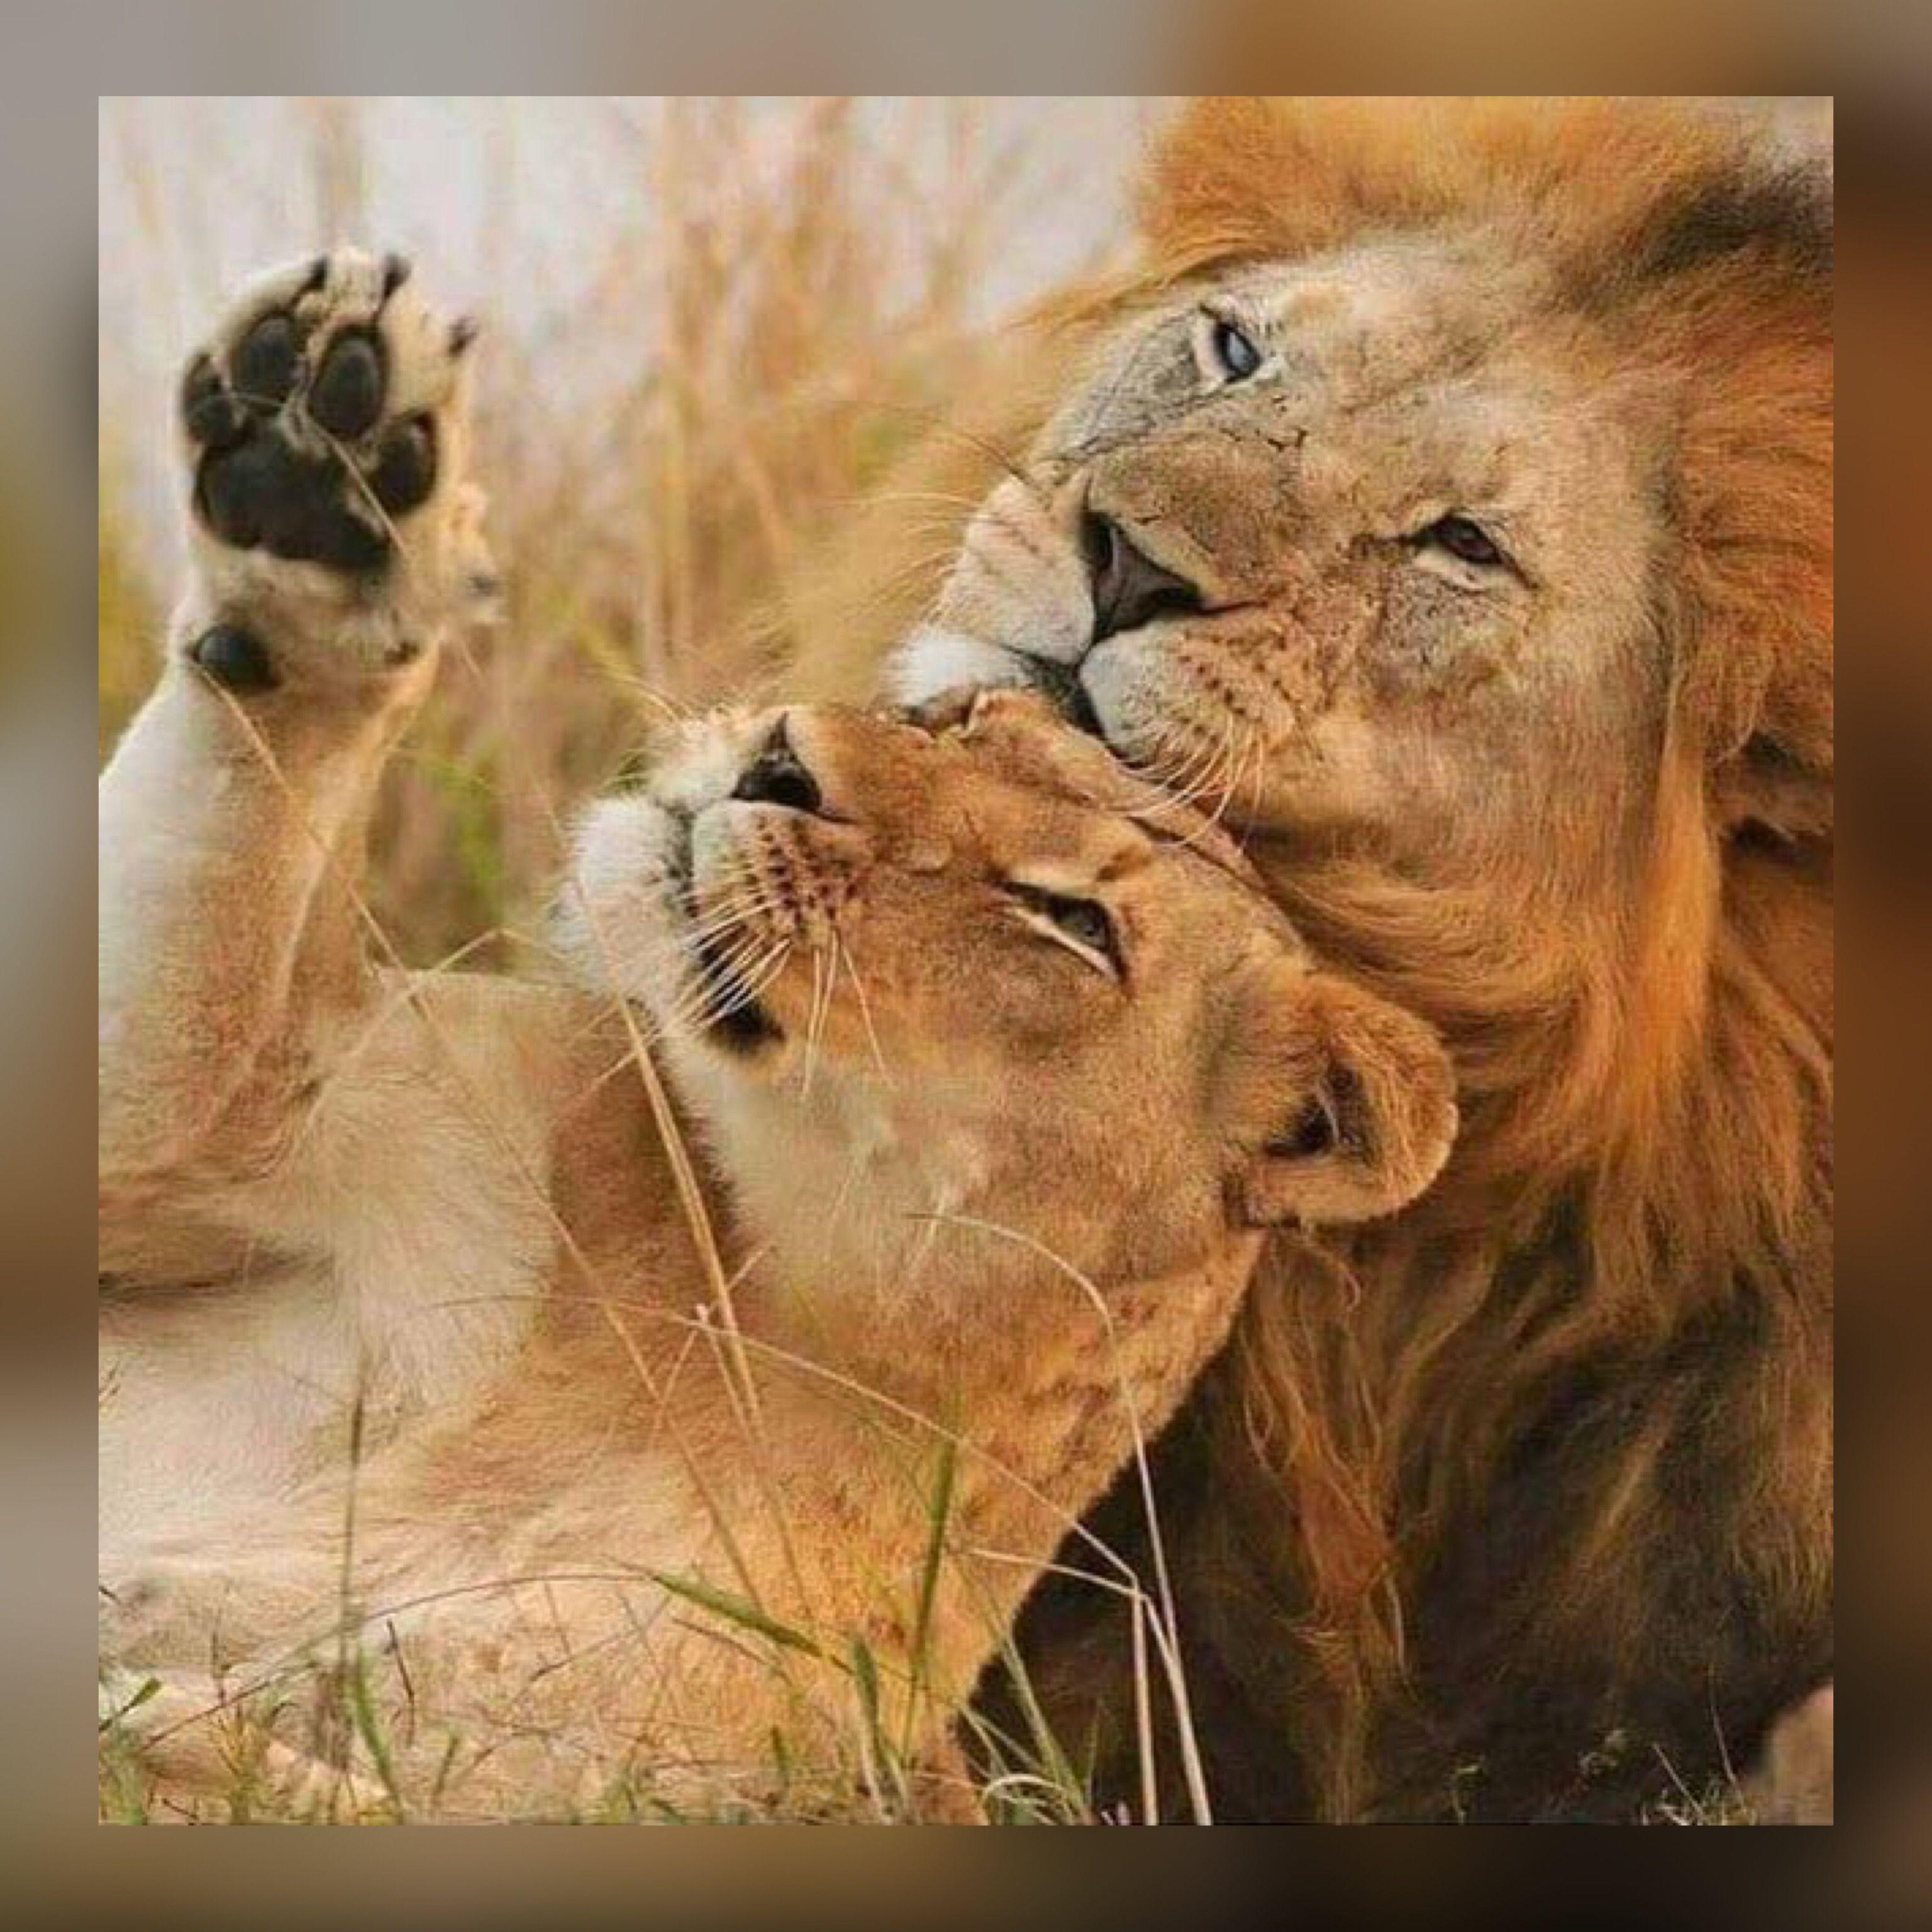 Картинки львов и львиц с надписями скучаю